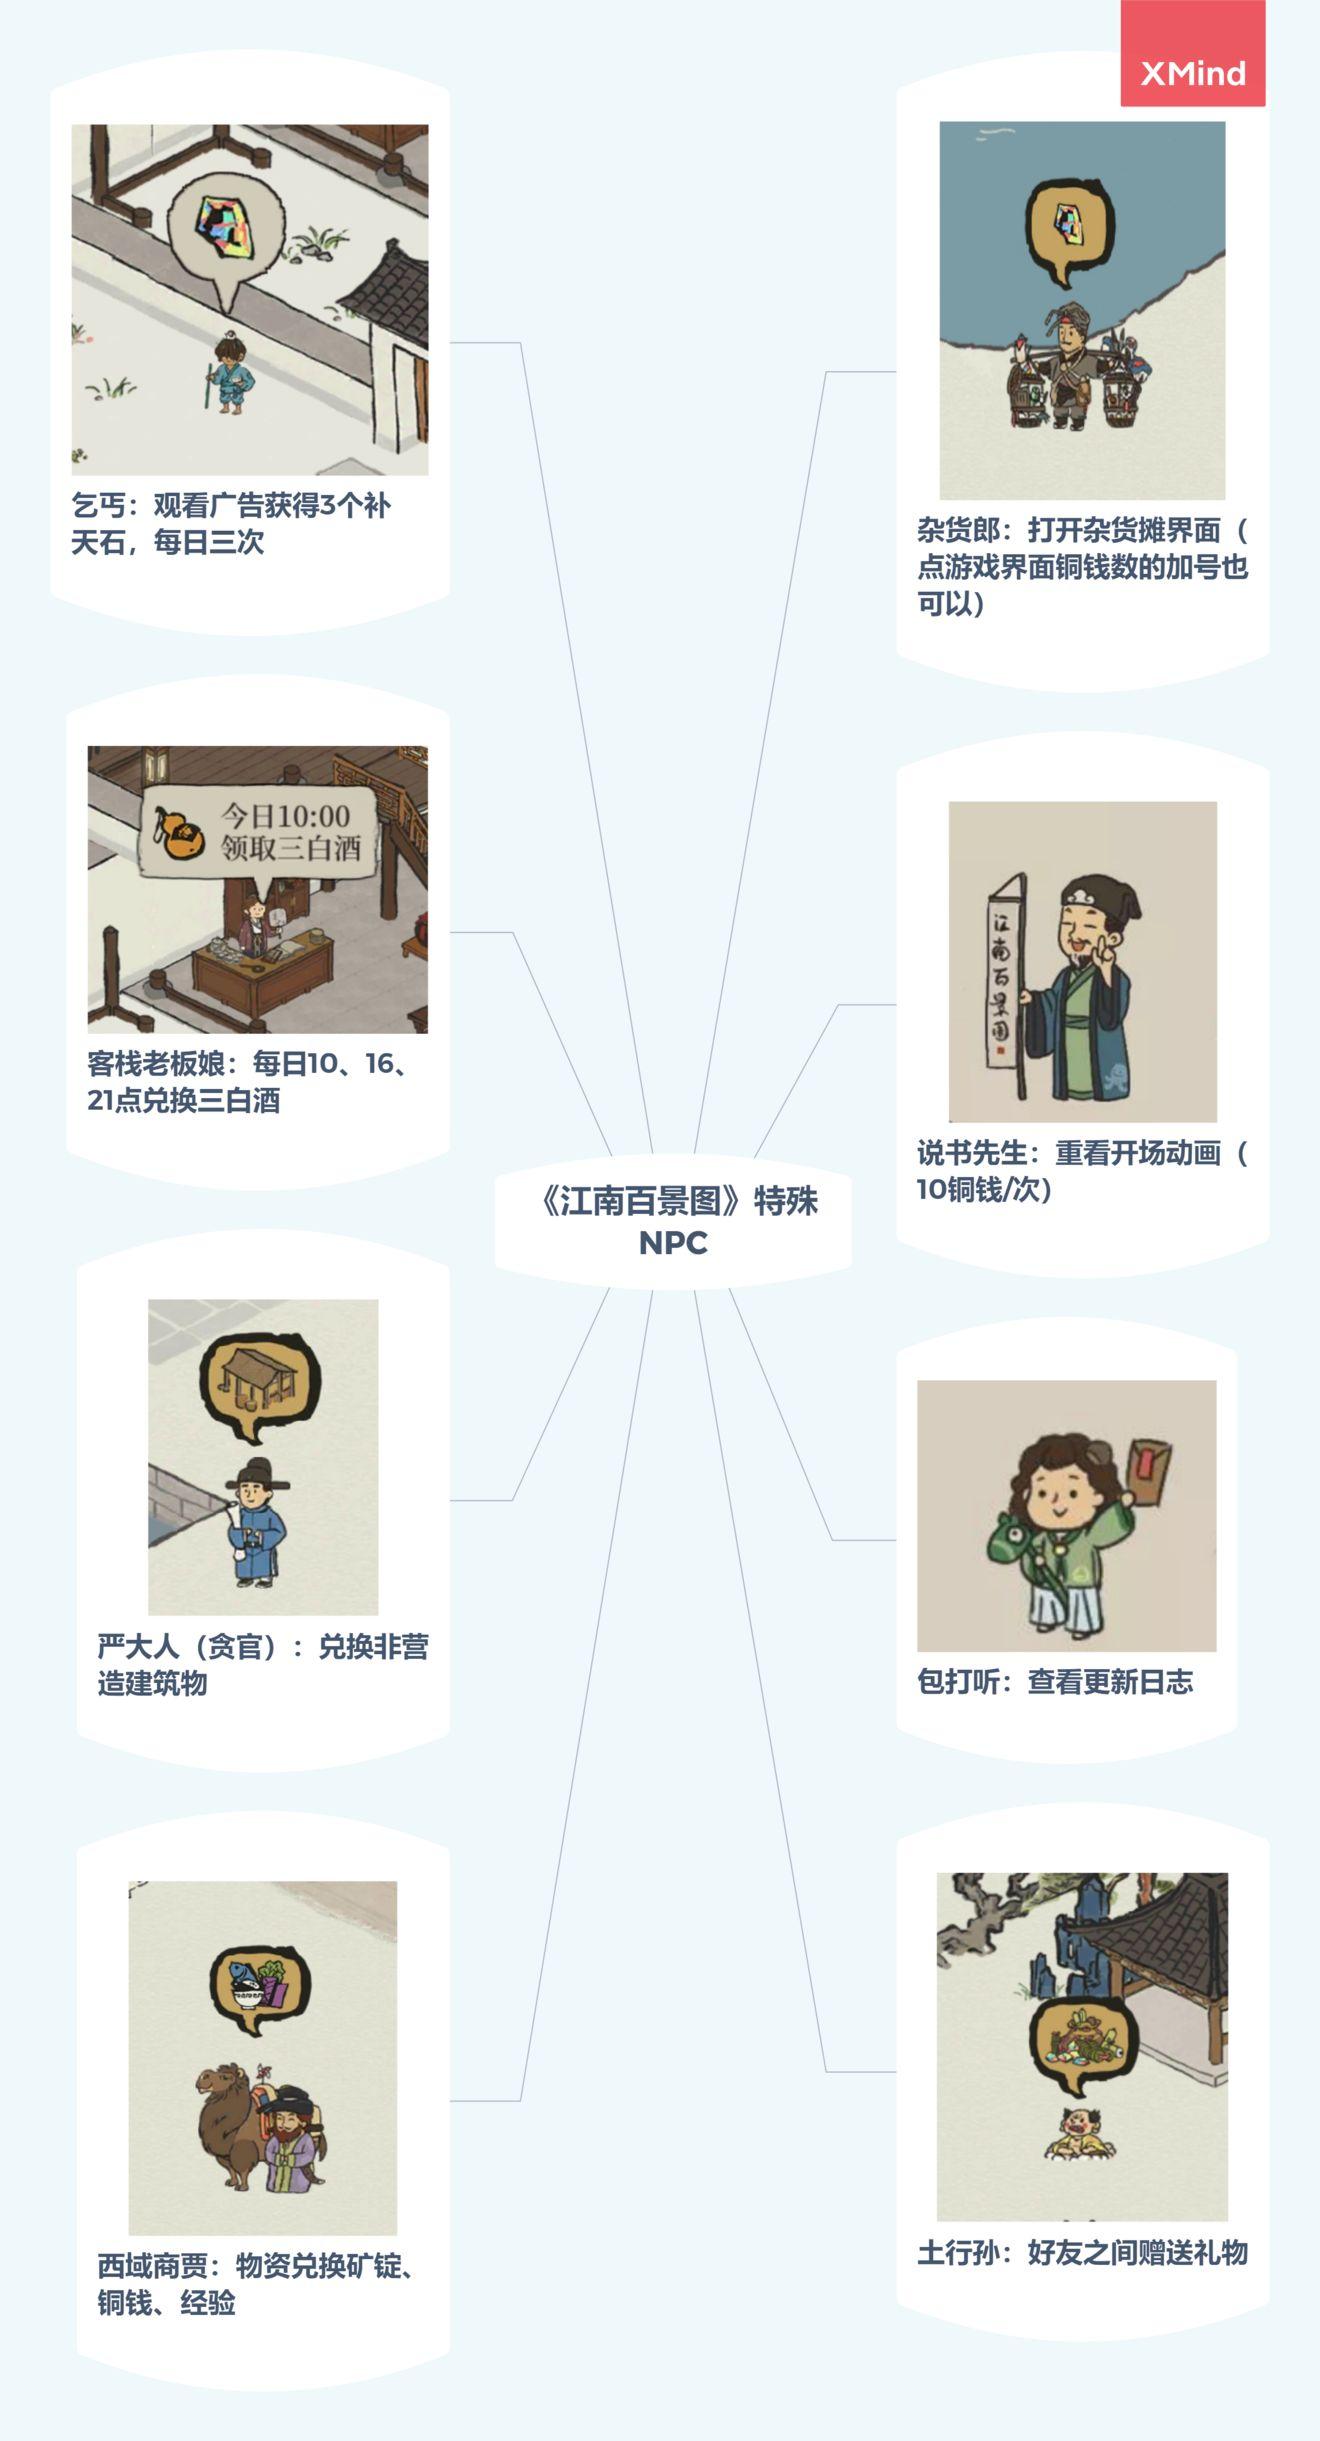 江南百景图人物常见问题解答 居民读书、珍宝及NPC位置详解